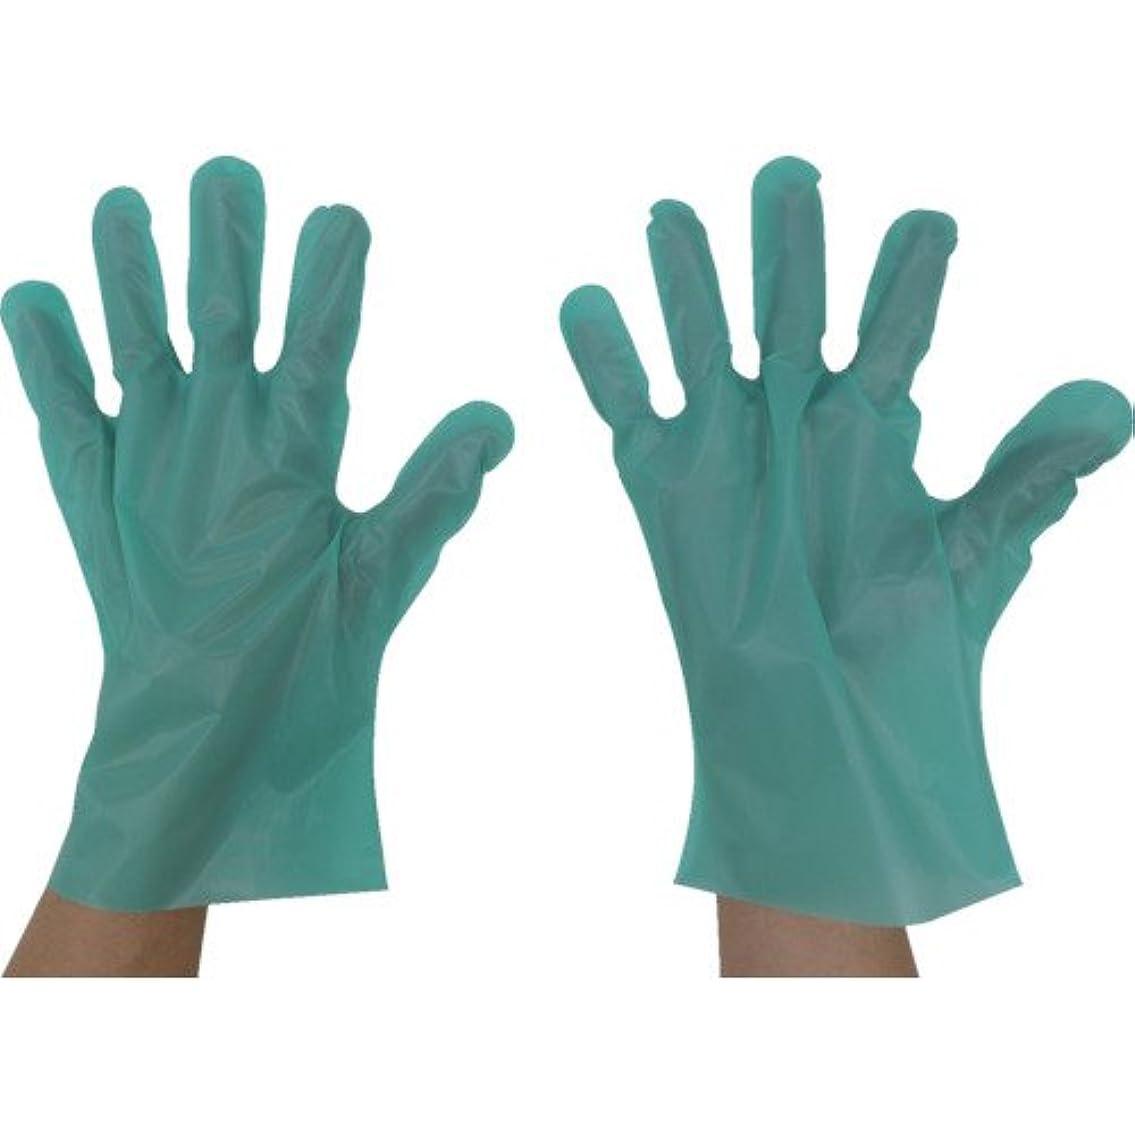 ウィスキー窓を洗うマカダム東京パック エンボス手袋五本絞りエコノミー化粧箱S グリーン(入数:200枚) GEK-S